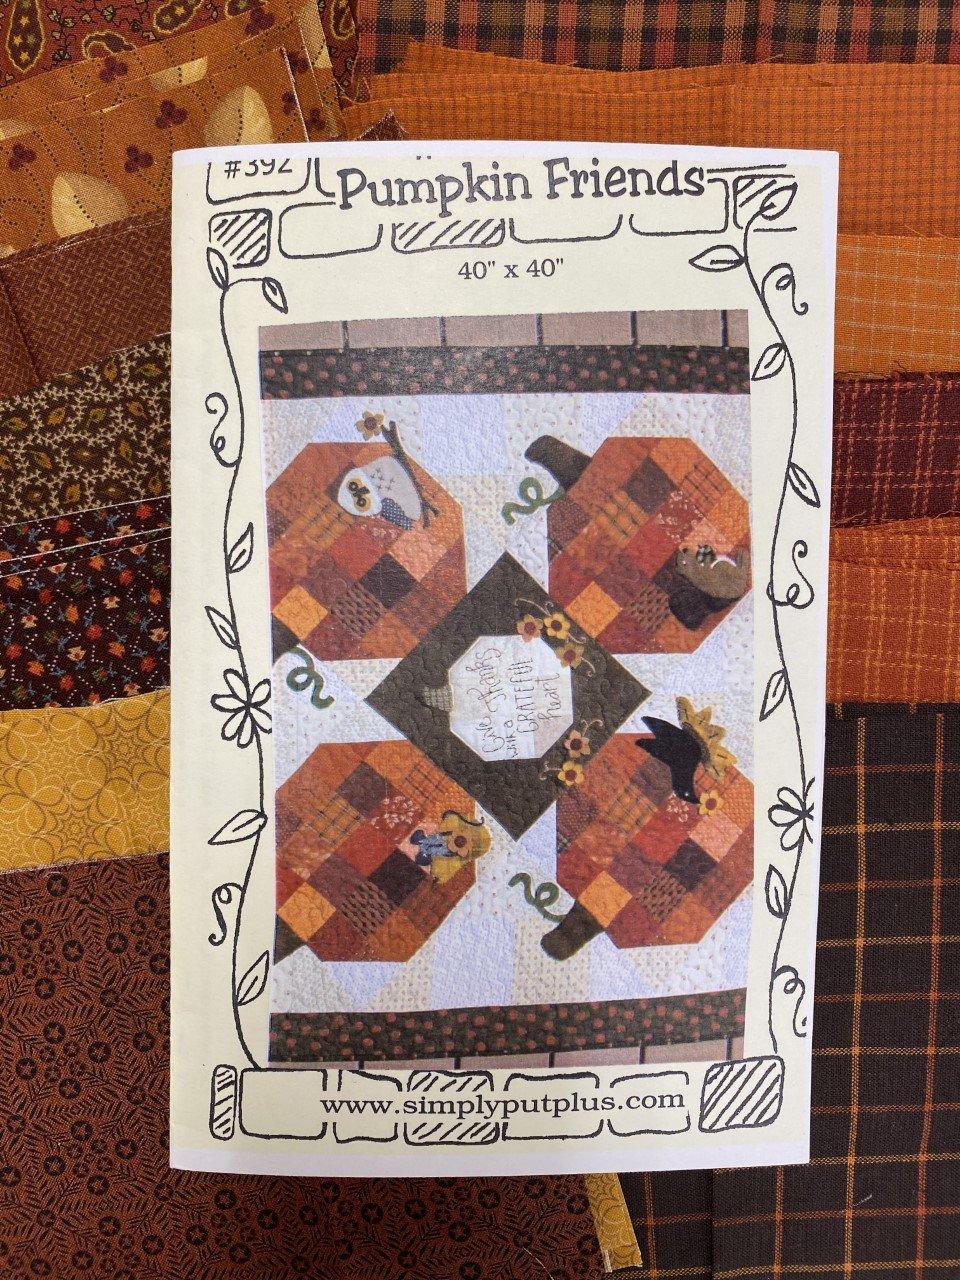 Pumpkin Friends - Kits